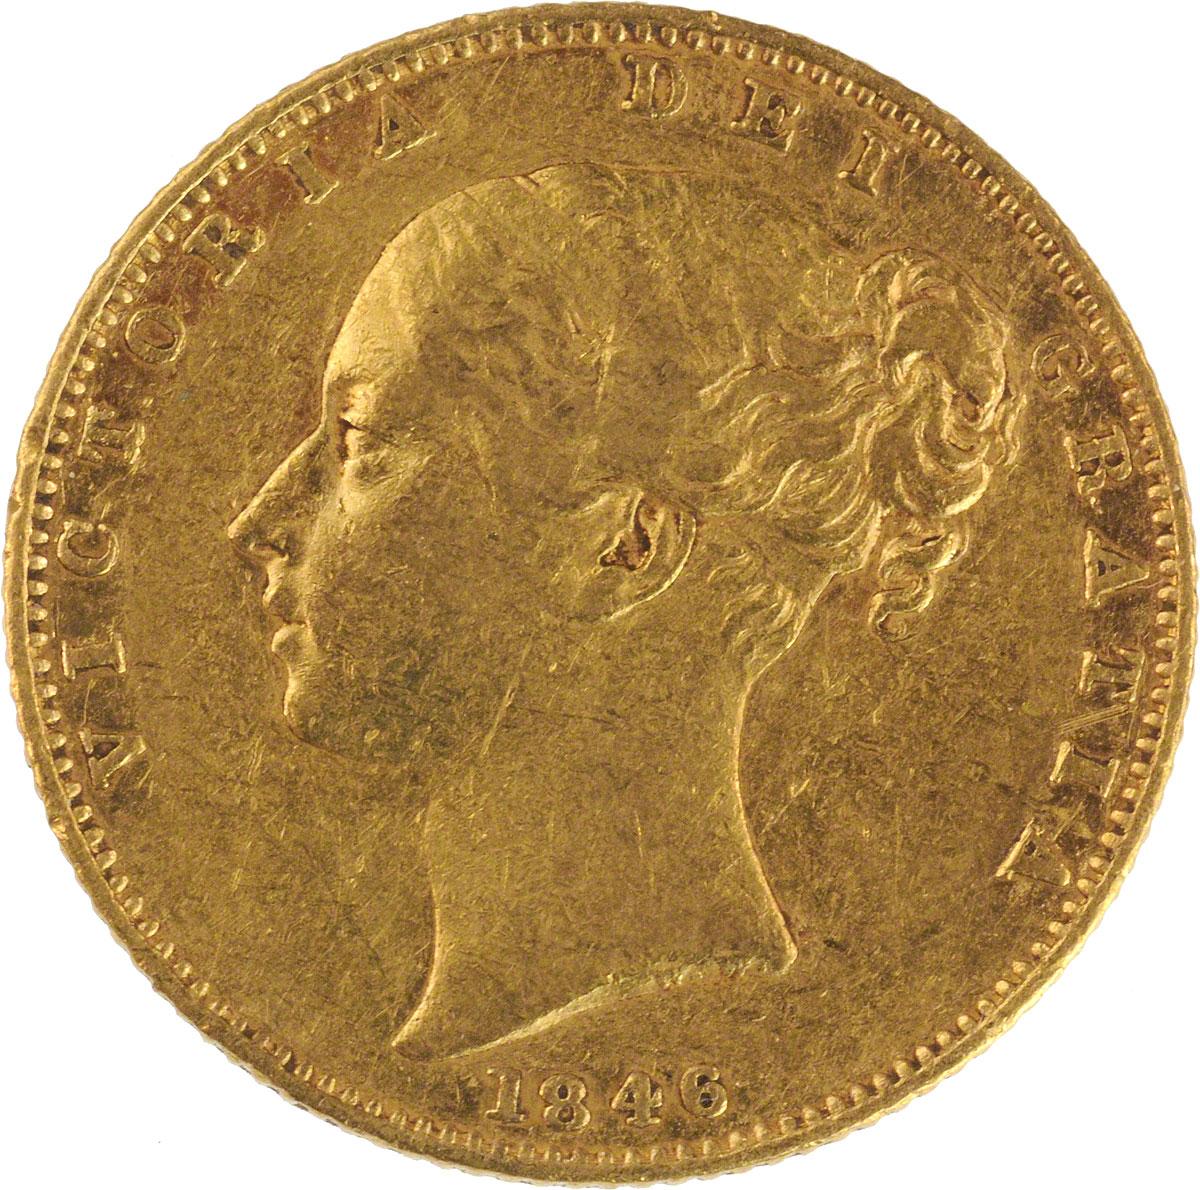 1846 Βικτώρια